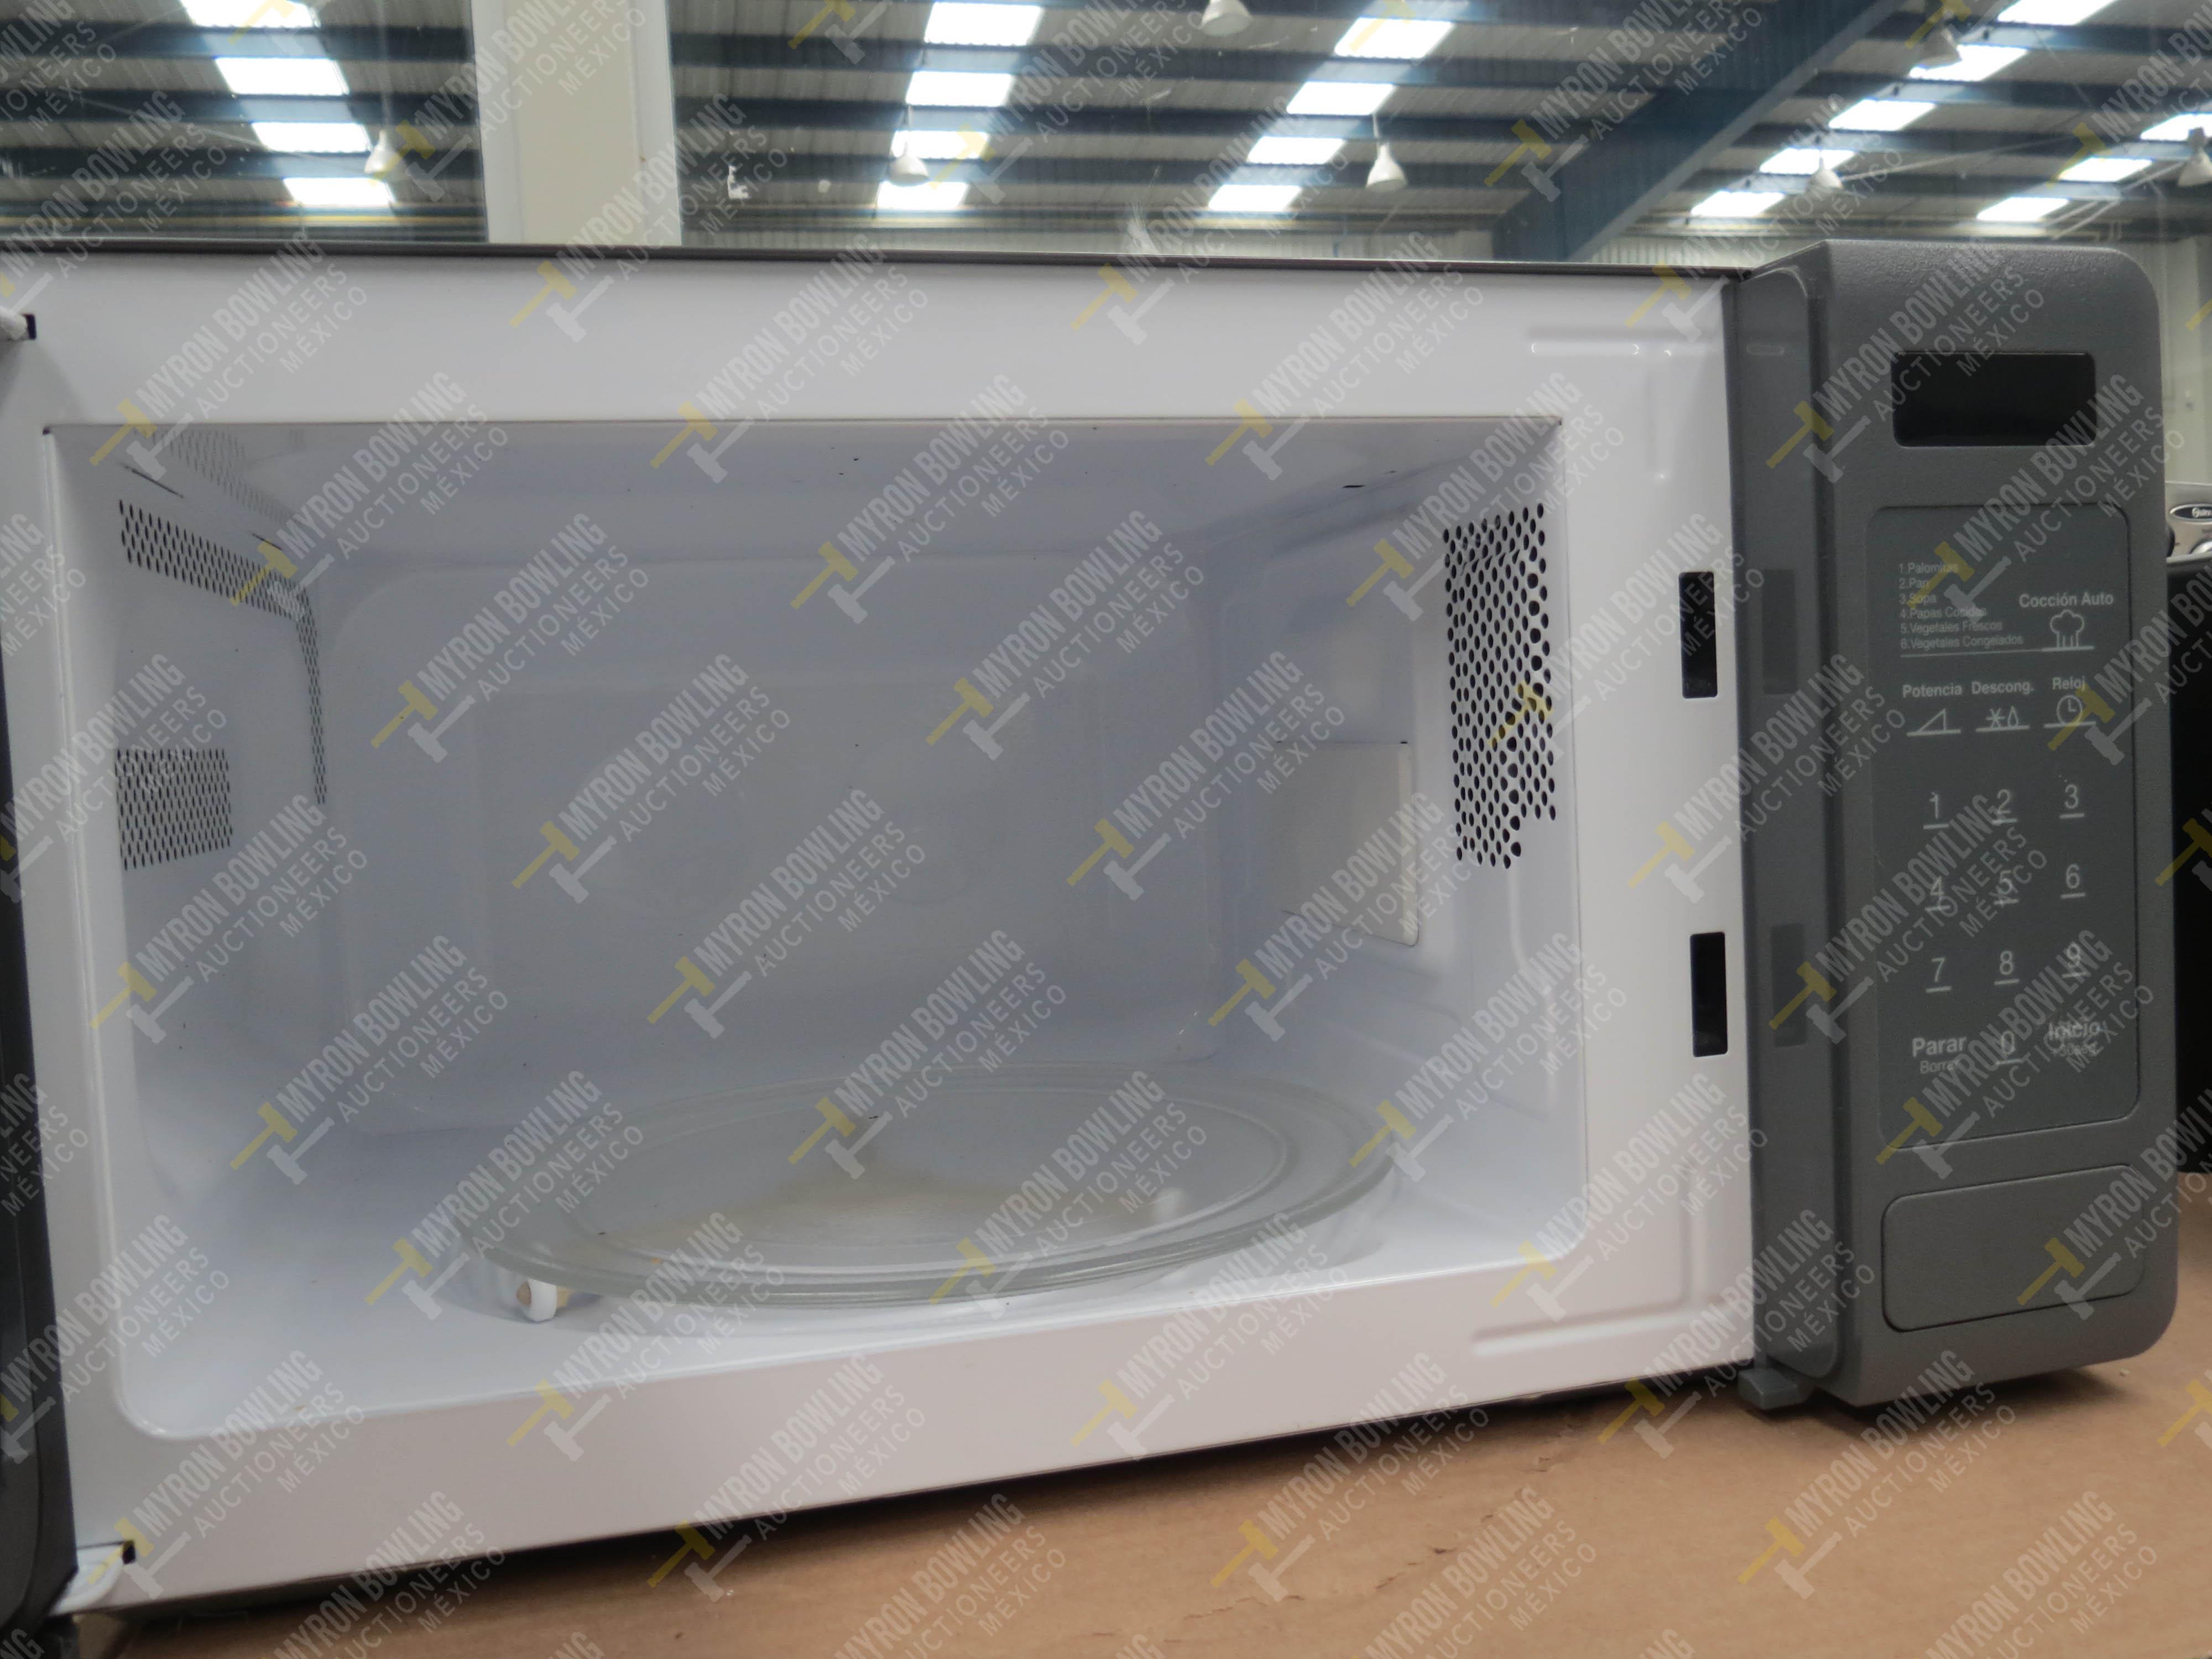 Horno de microondas marca Daewoo, Modelo K0R-667DG, No. de Serie 30650 - Image 4 of 4